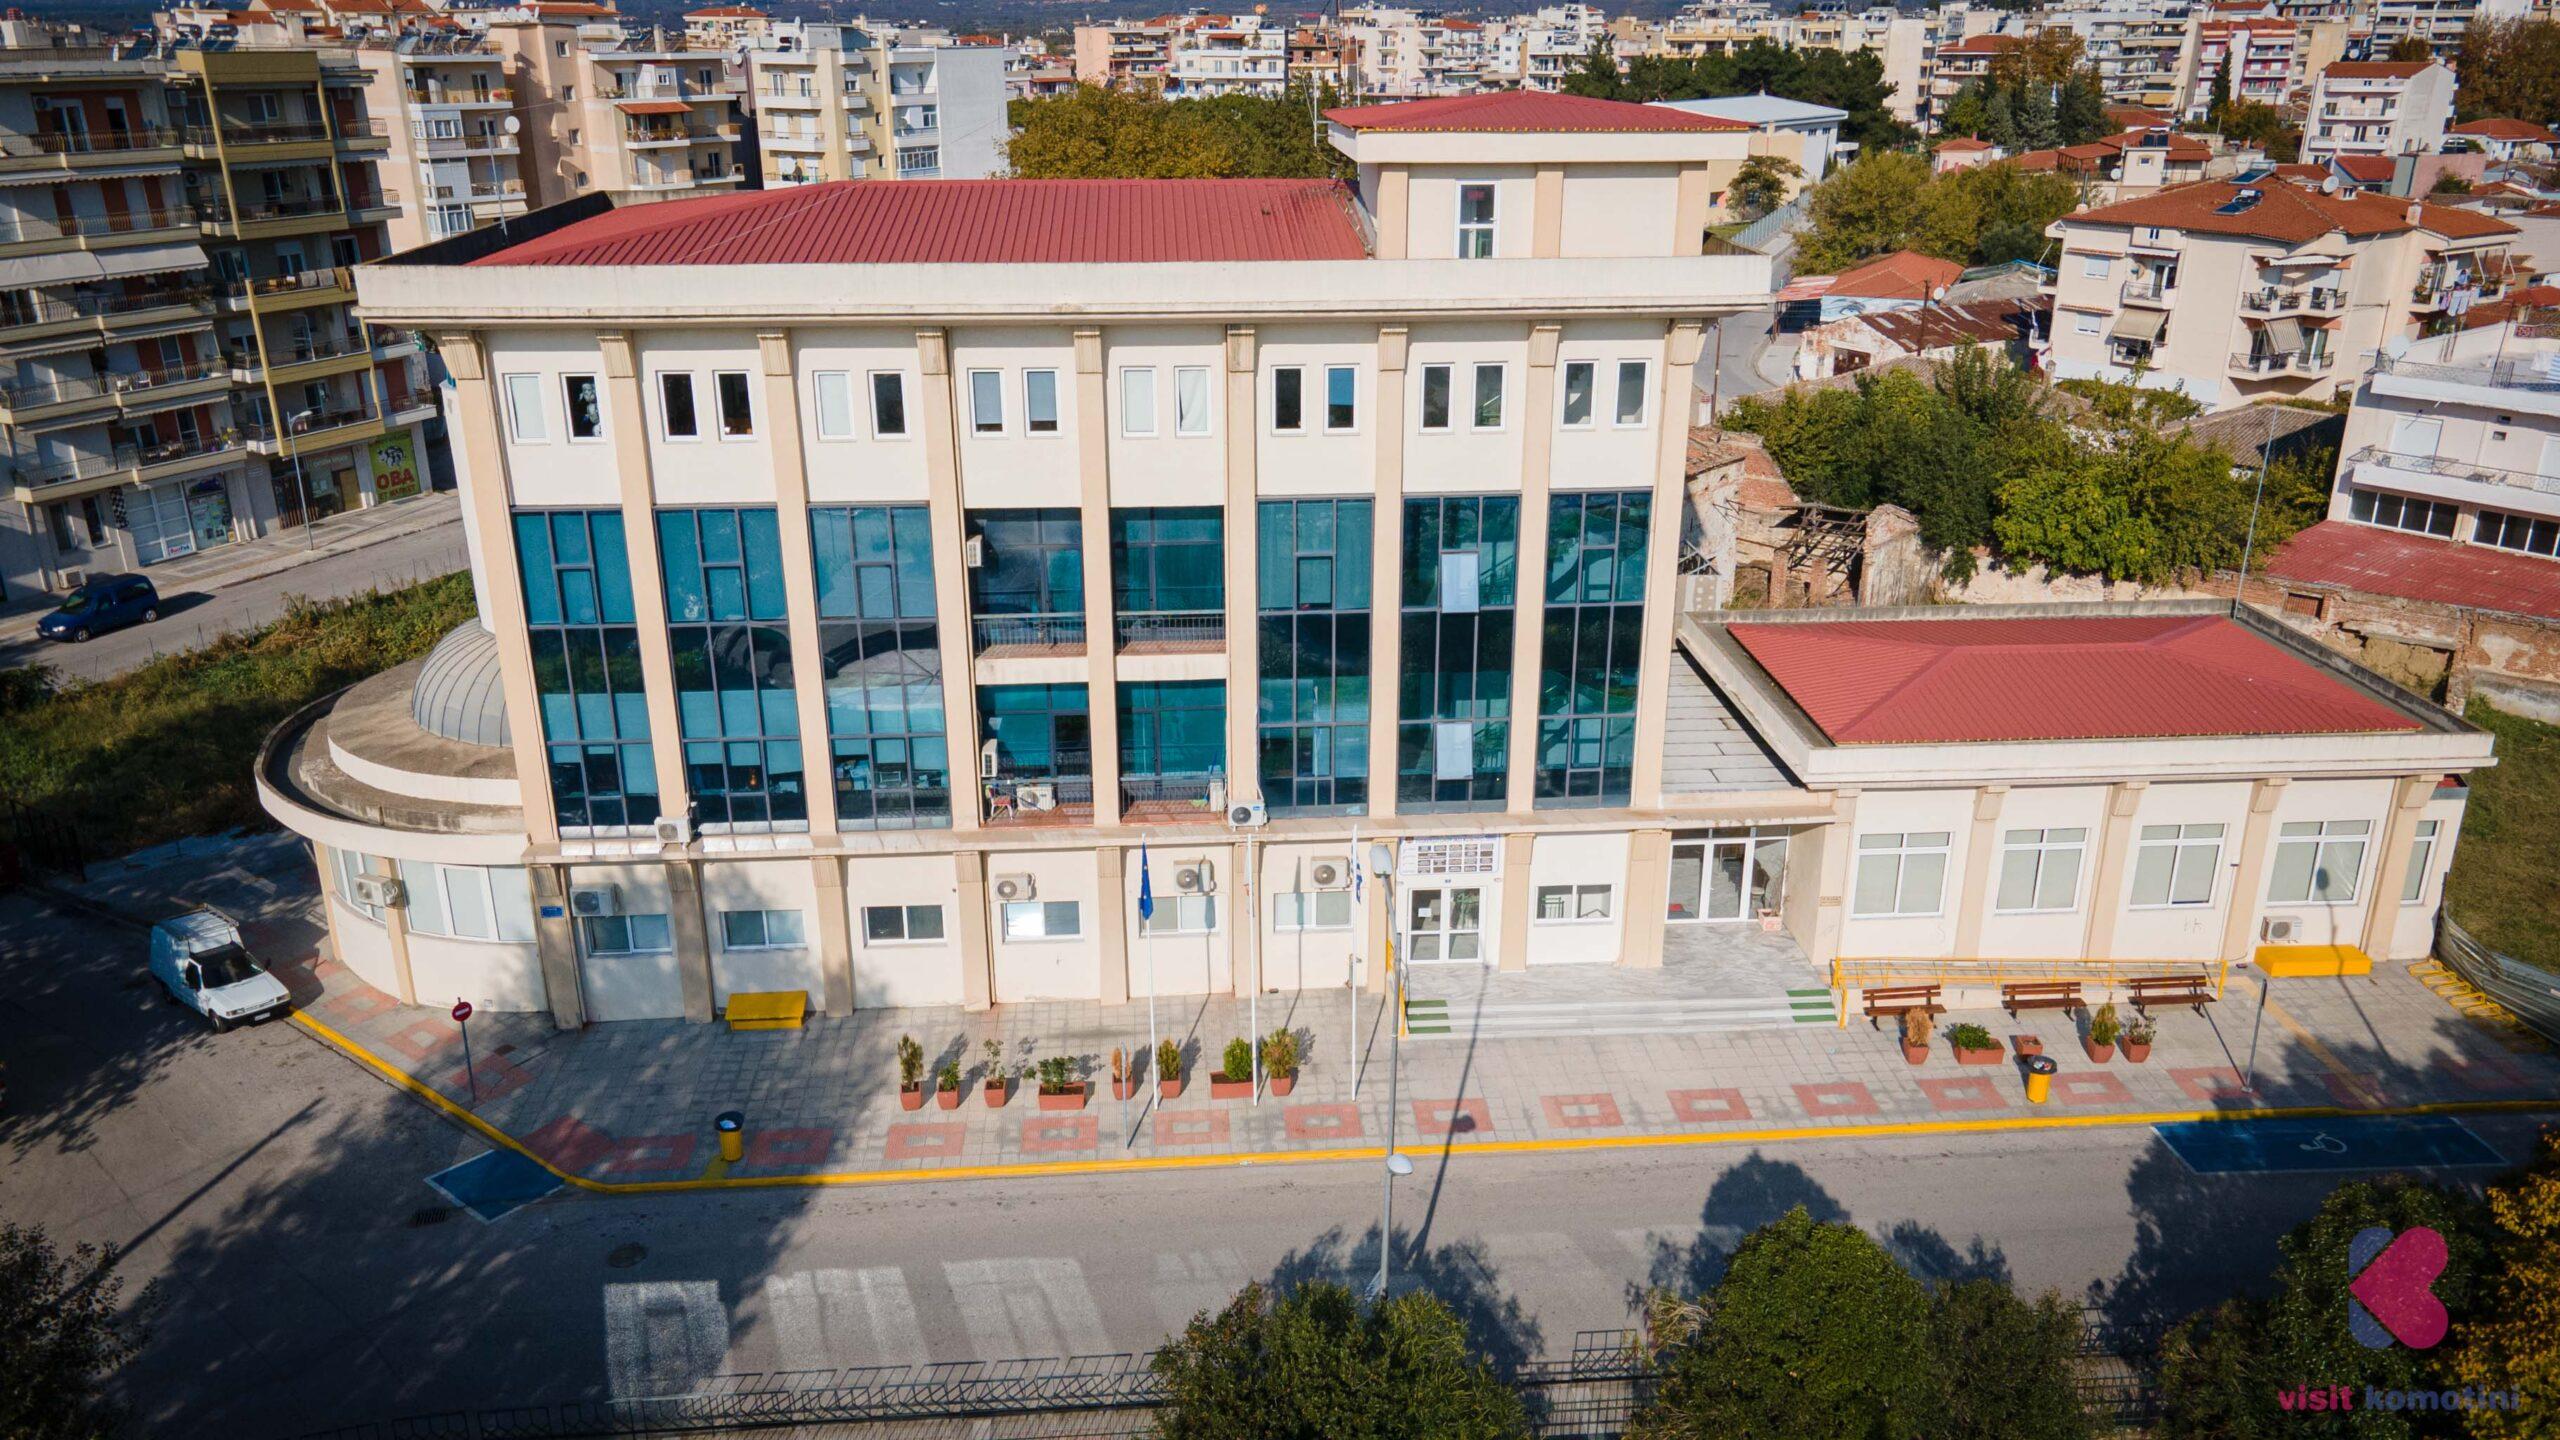 Παρατείνεται η συγκέντρωση ειδών πρώτης ανάγκης για την Κρήτη